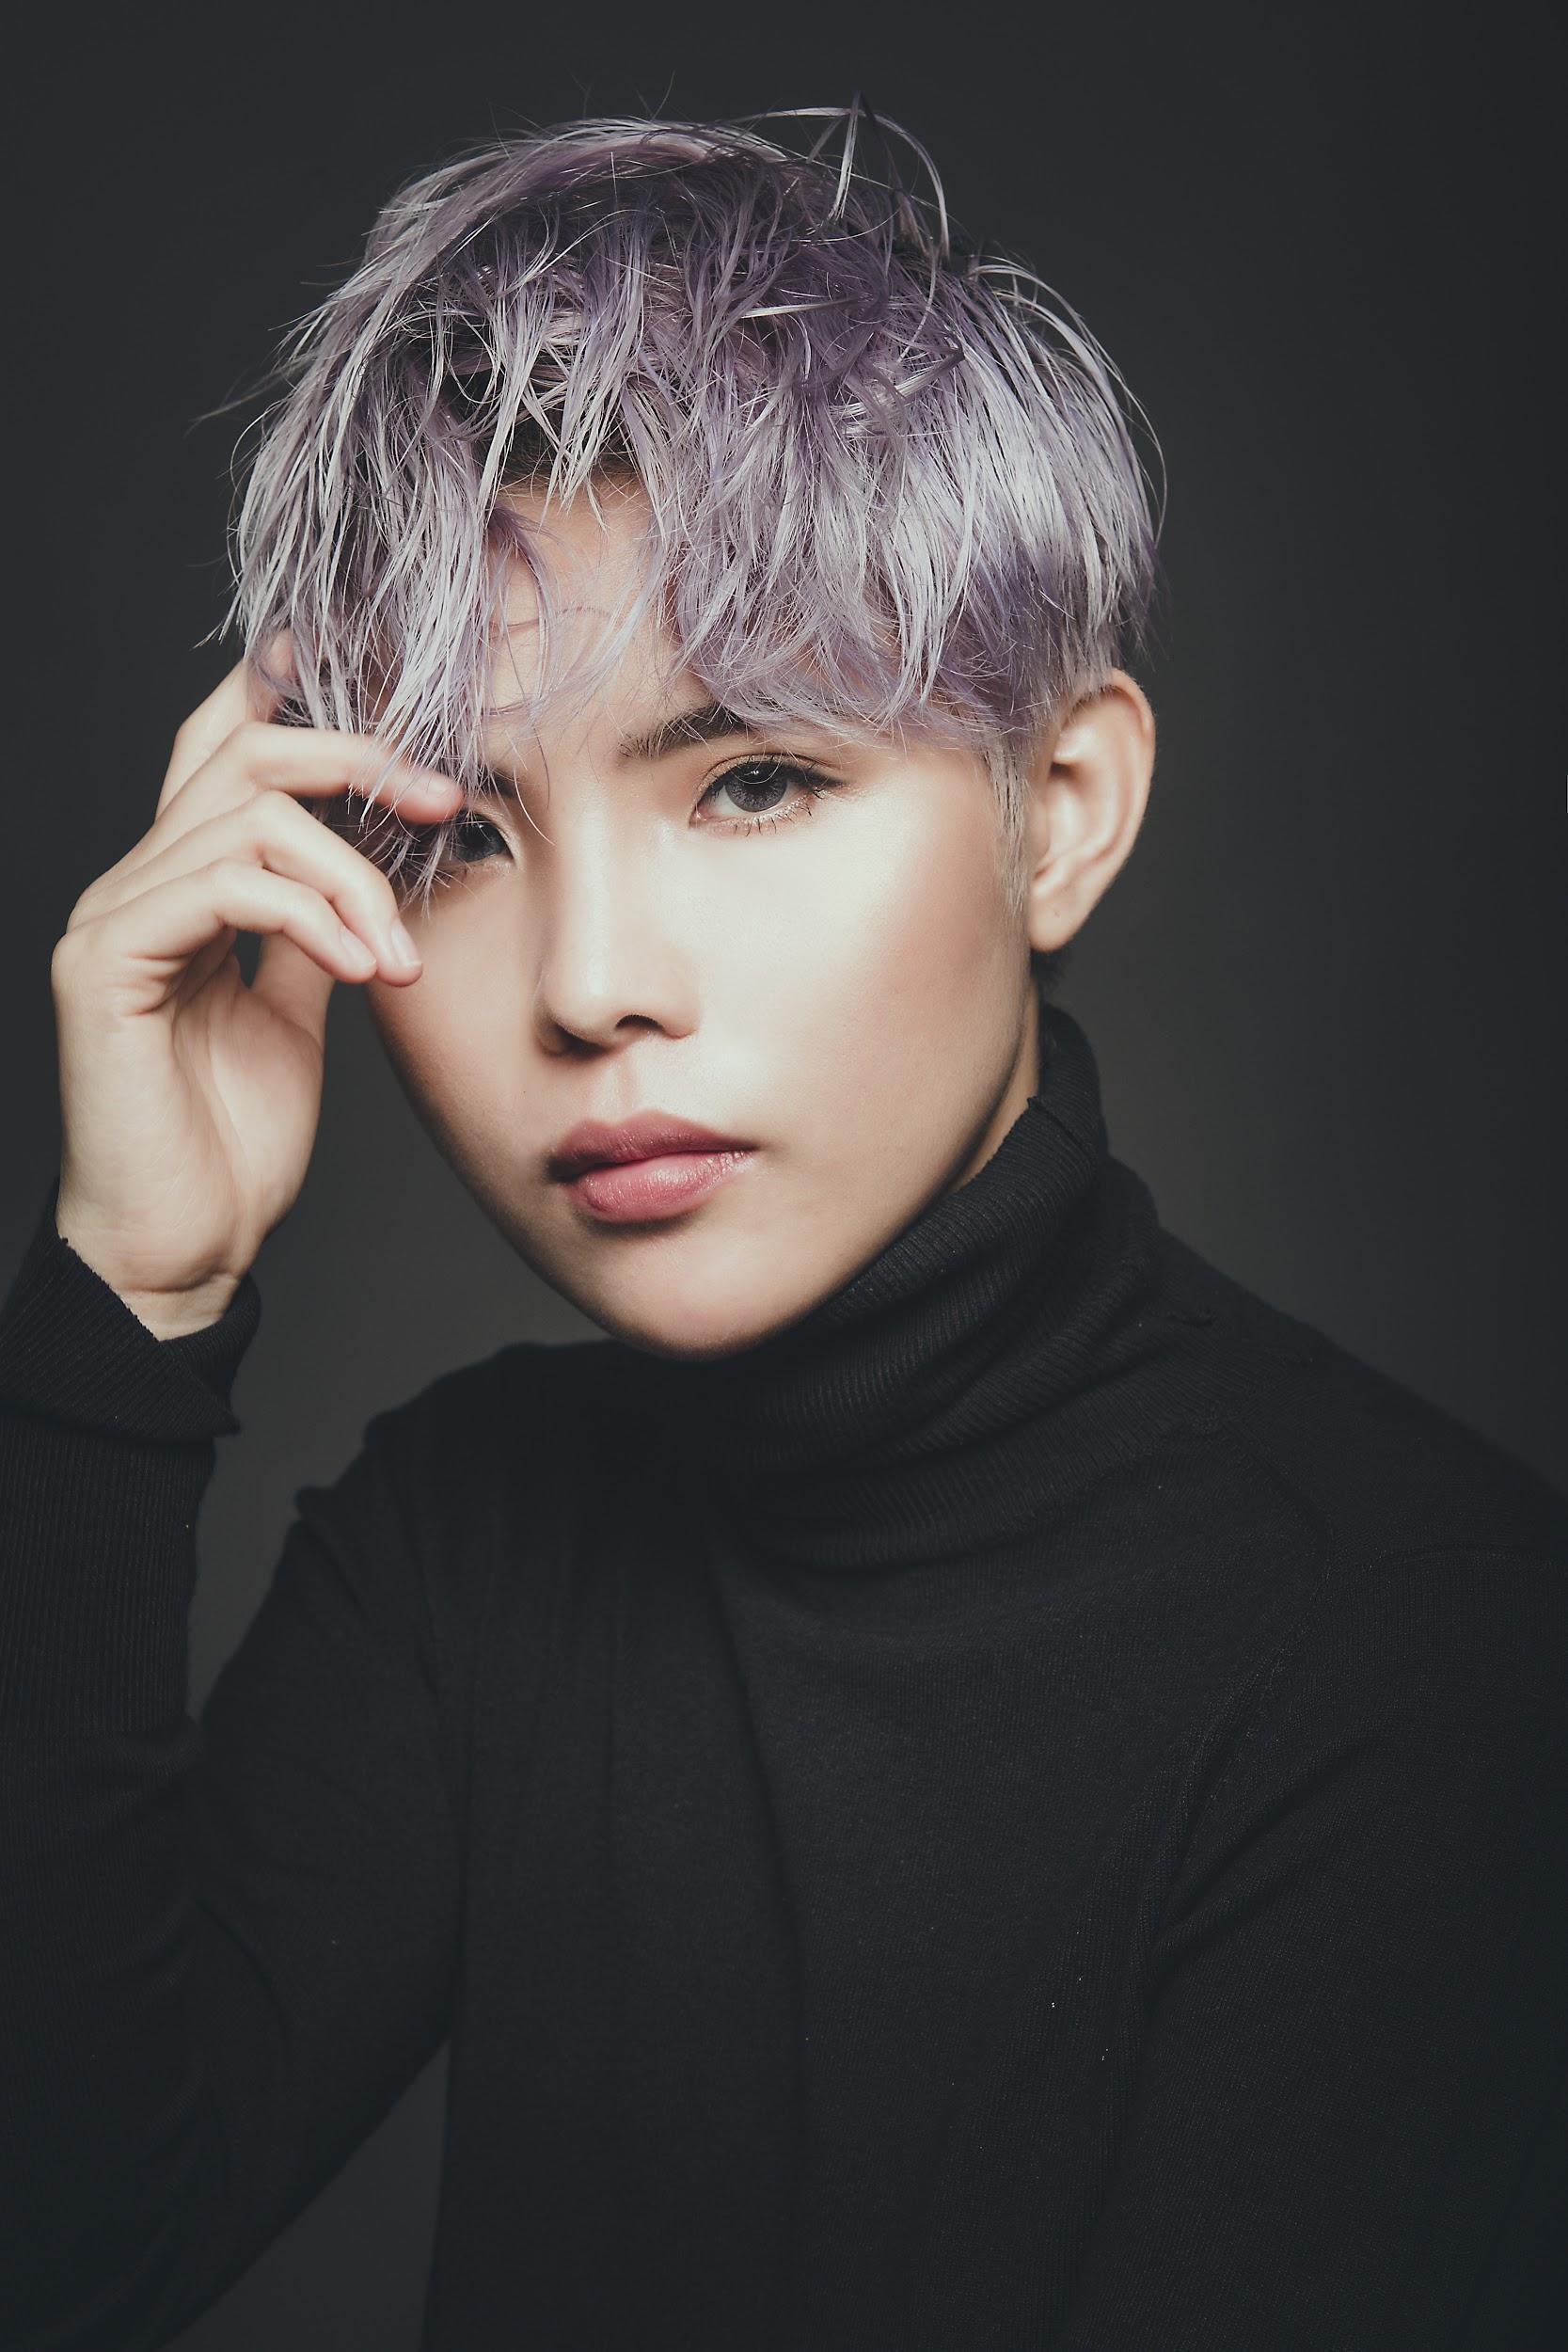 Vũ Cát Tường đại diện Việt Nam tham dự Asia Song Festival 2018 - Ảnh 3.